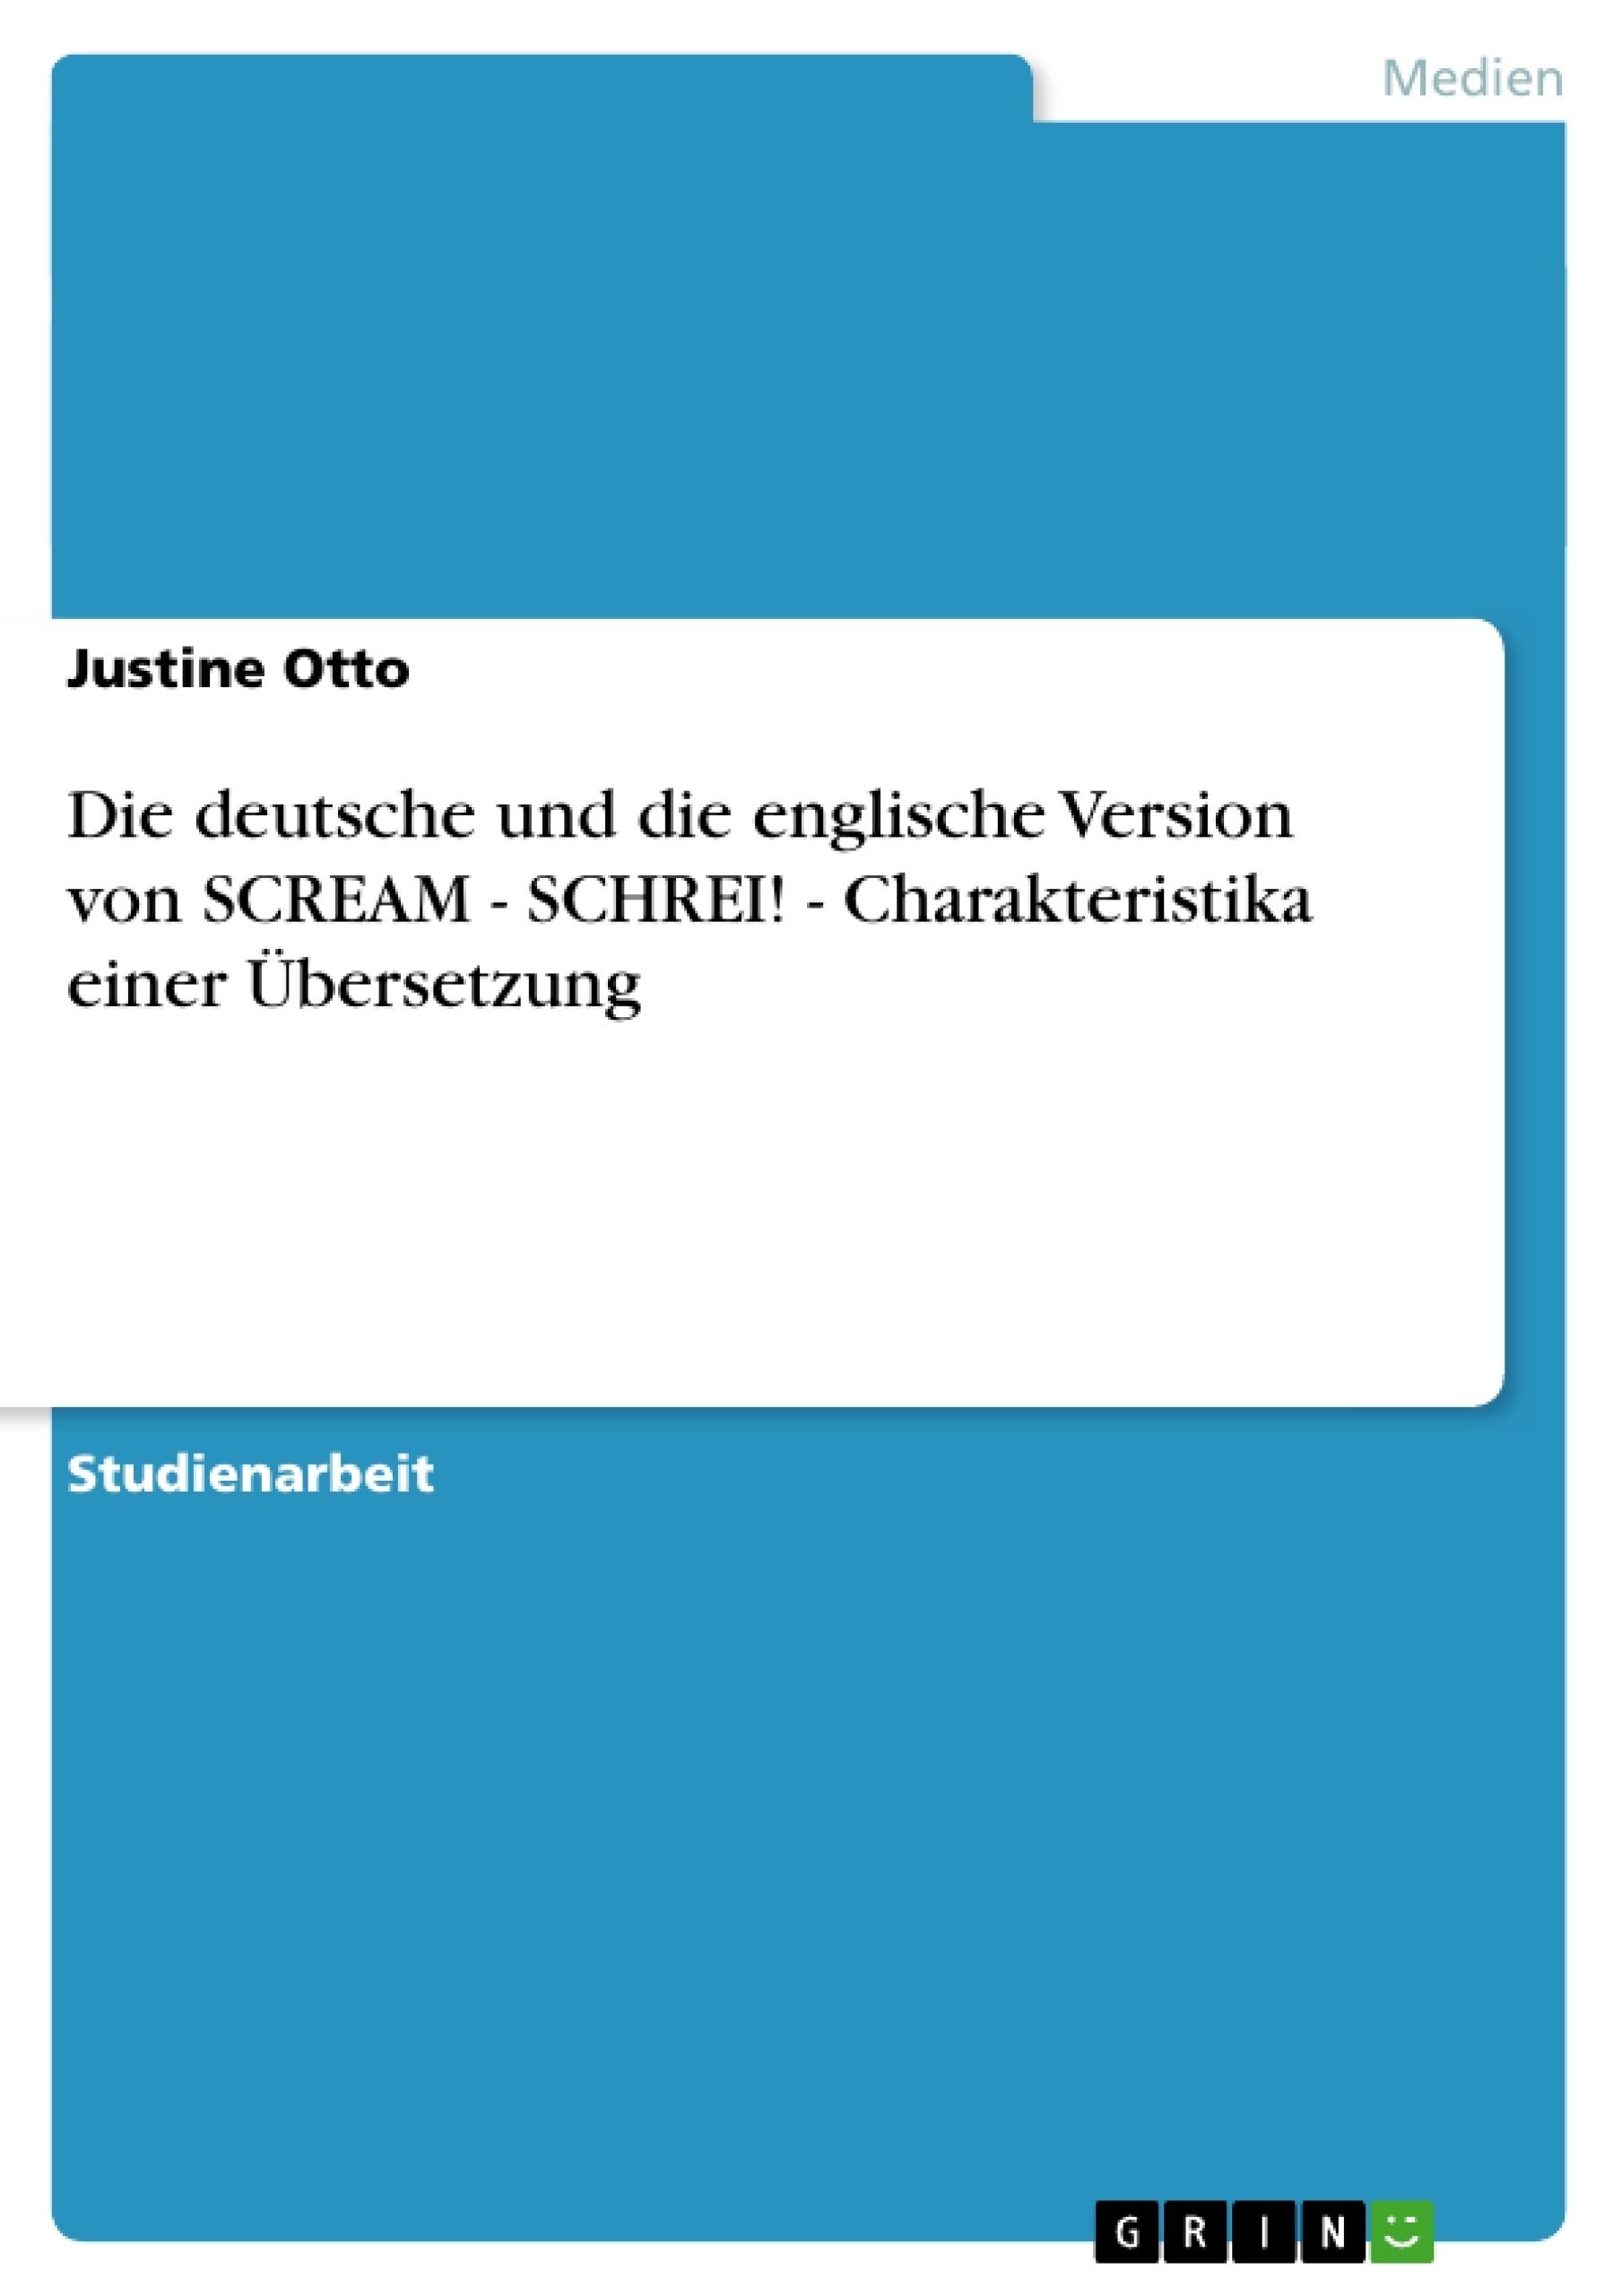 Titel: Die deutsche und die englische Version von SCREAM - SCHREI! - Charakteristika einer Übersetzung